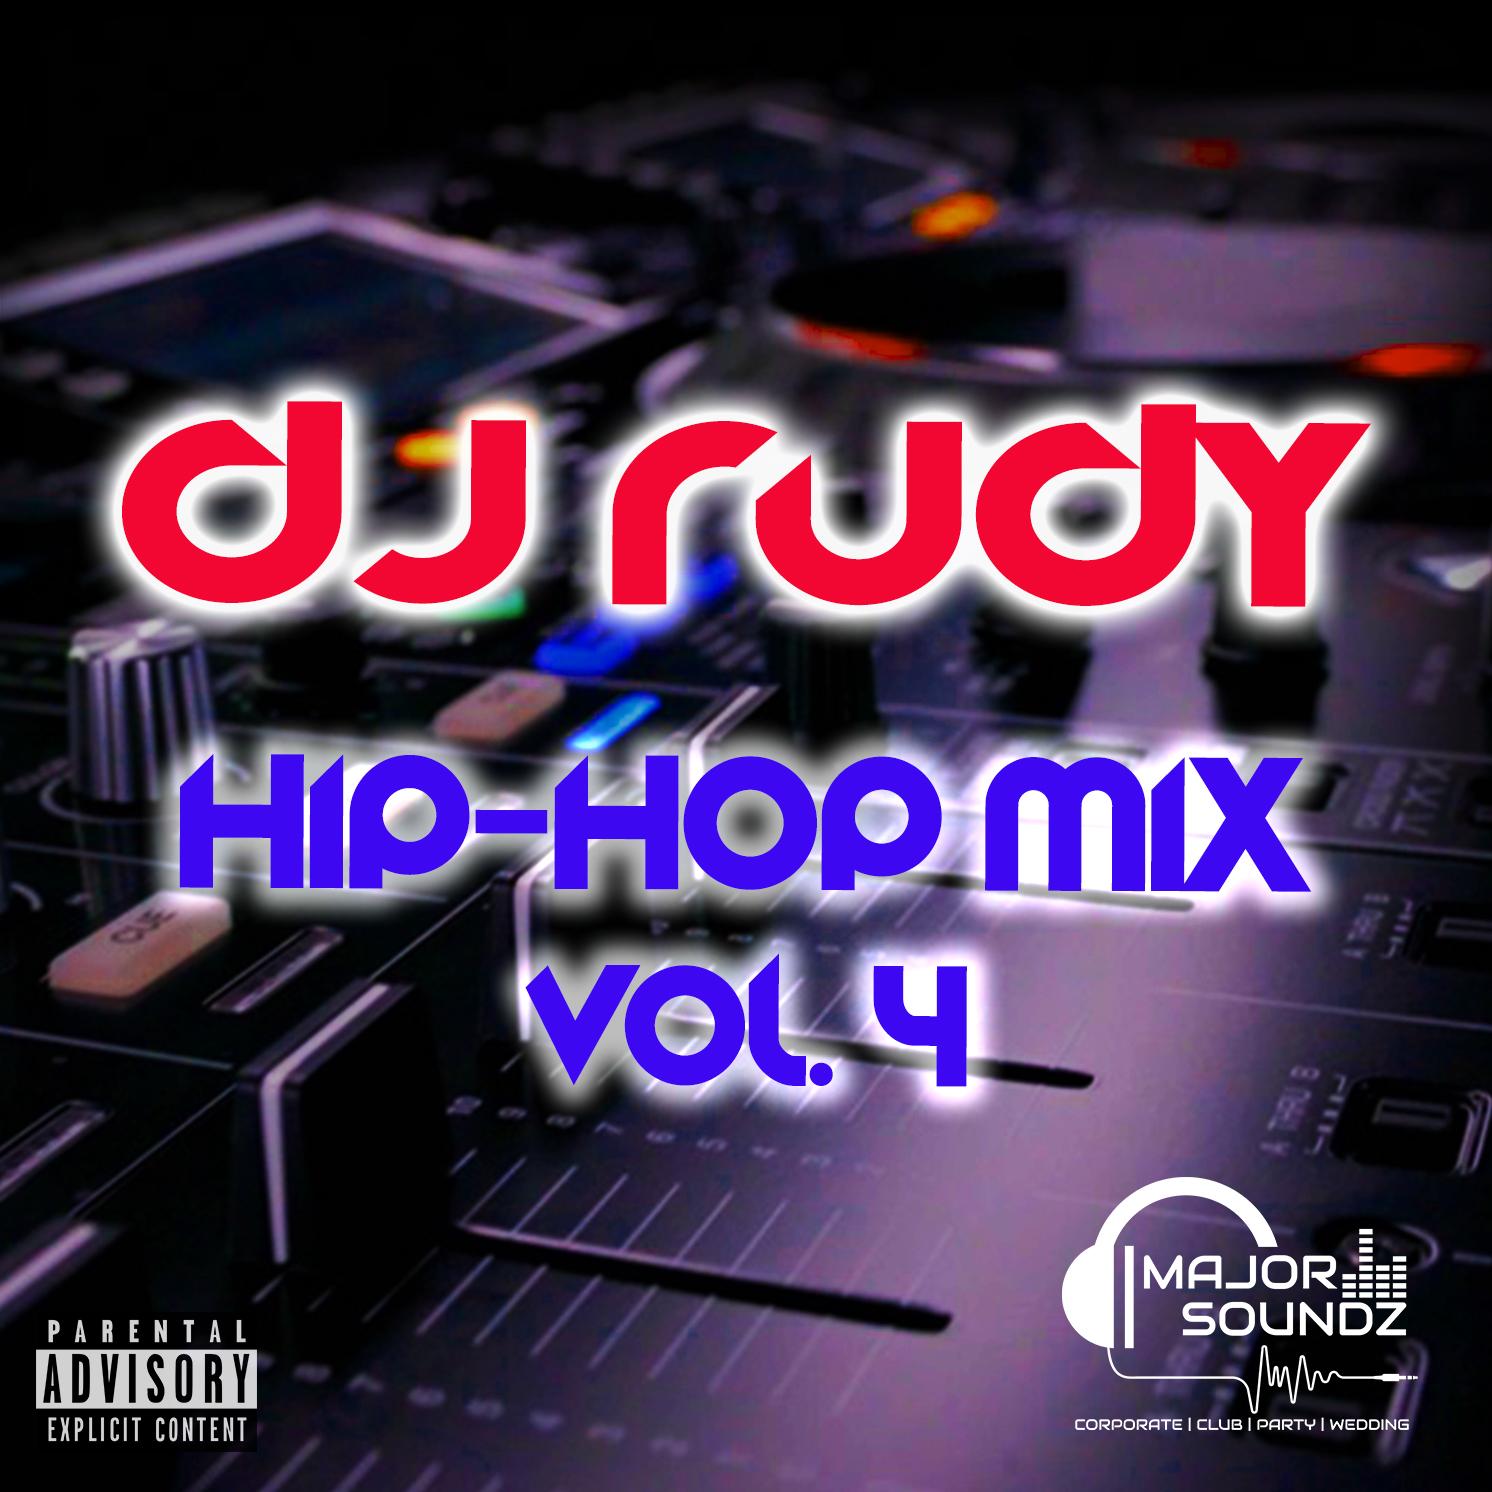 DJ Rudy - Hip-Hop Vol.4 Promo Mix